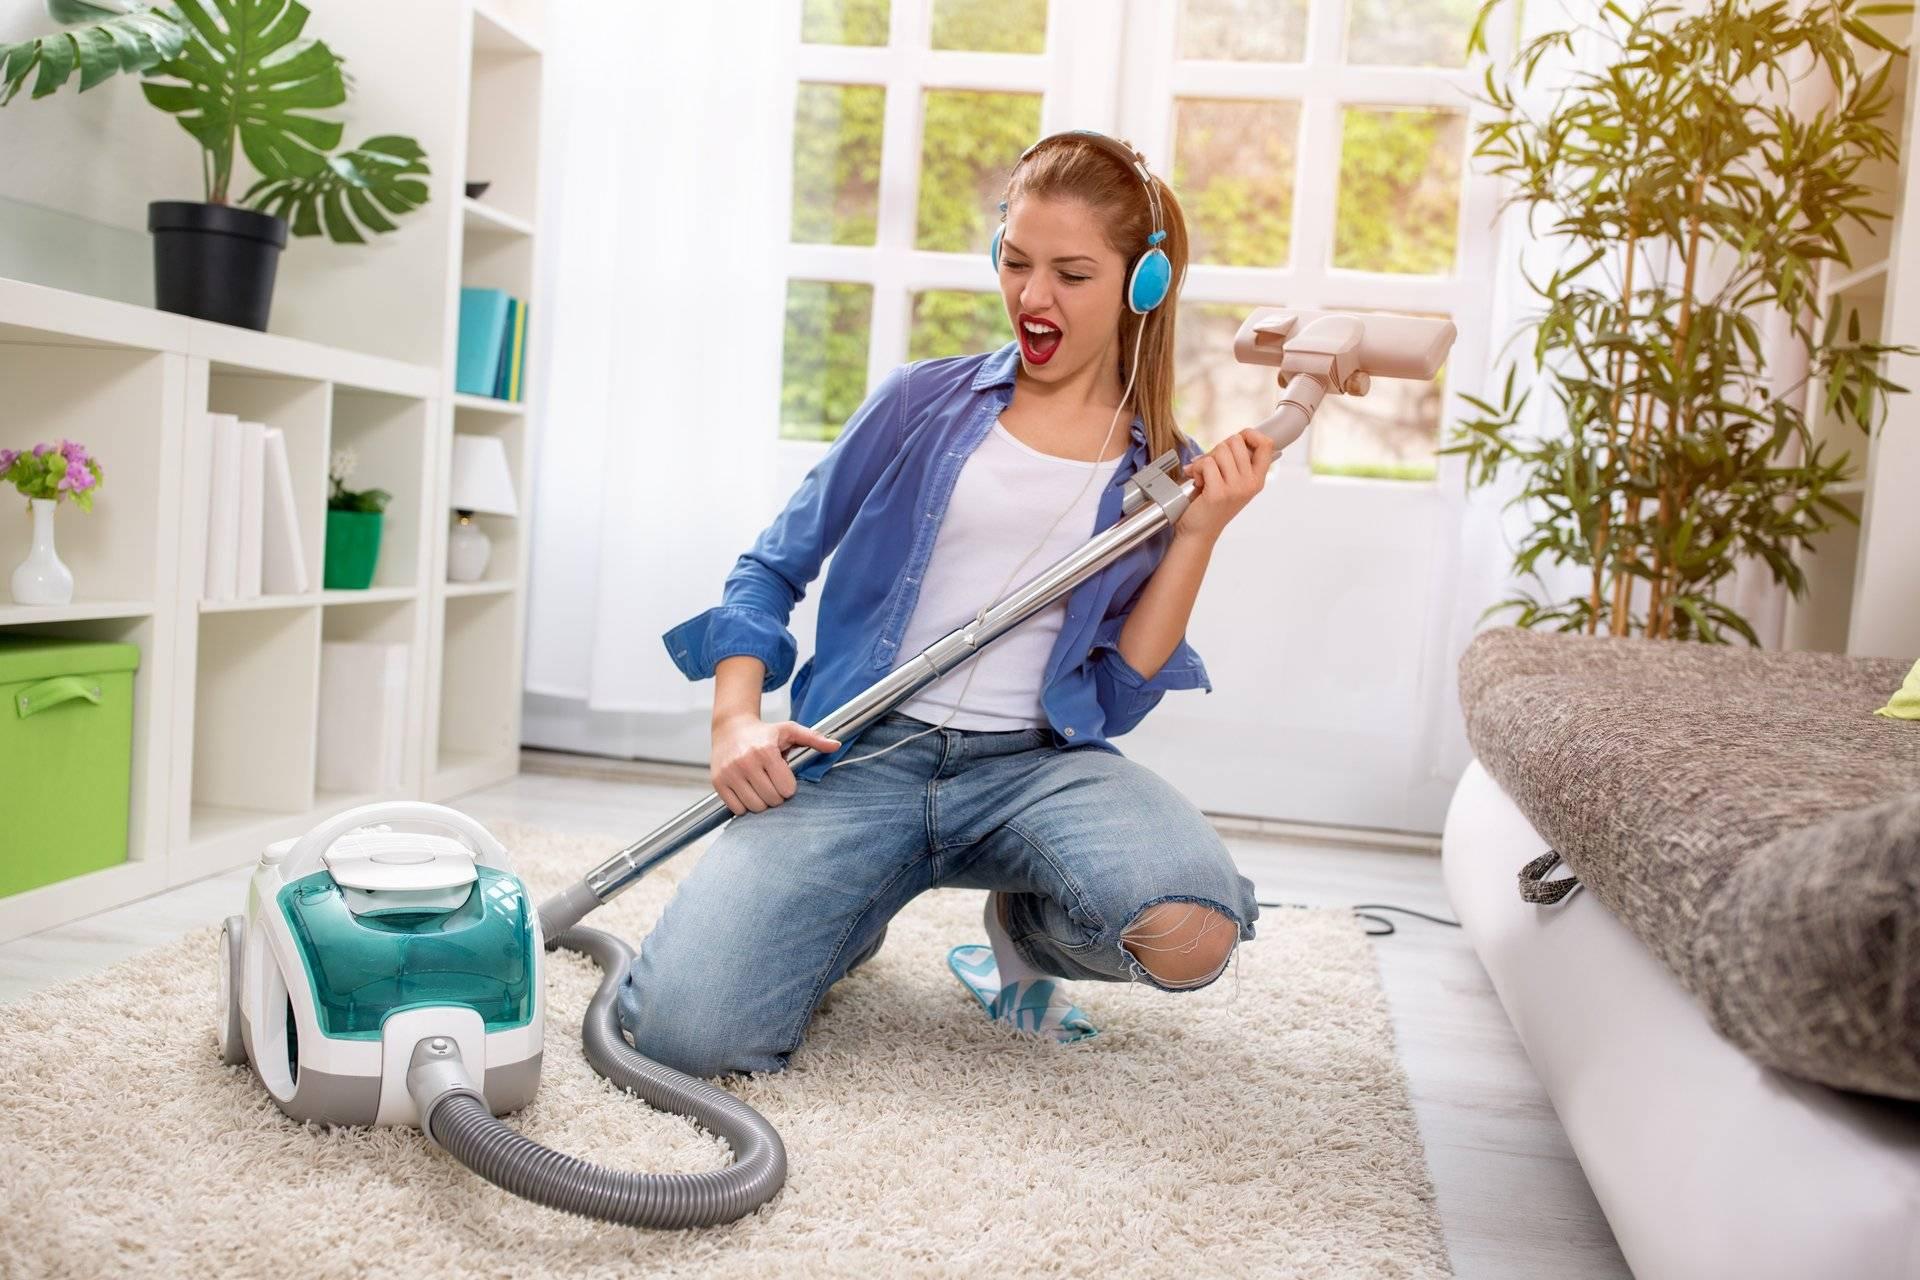 5 ошибок в генеральной уборке дома и рабочие советы, которые помогут их избежать